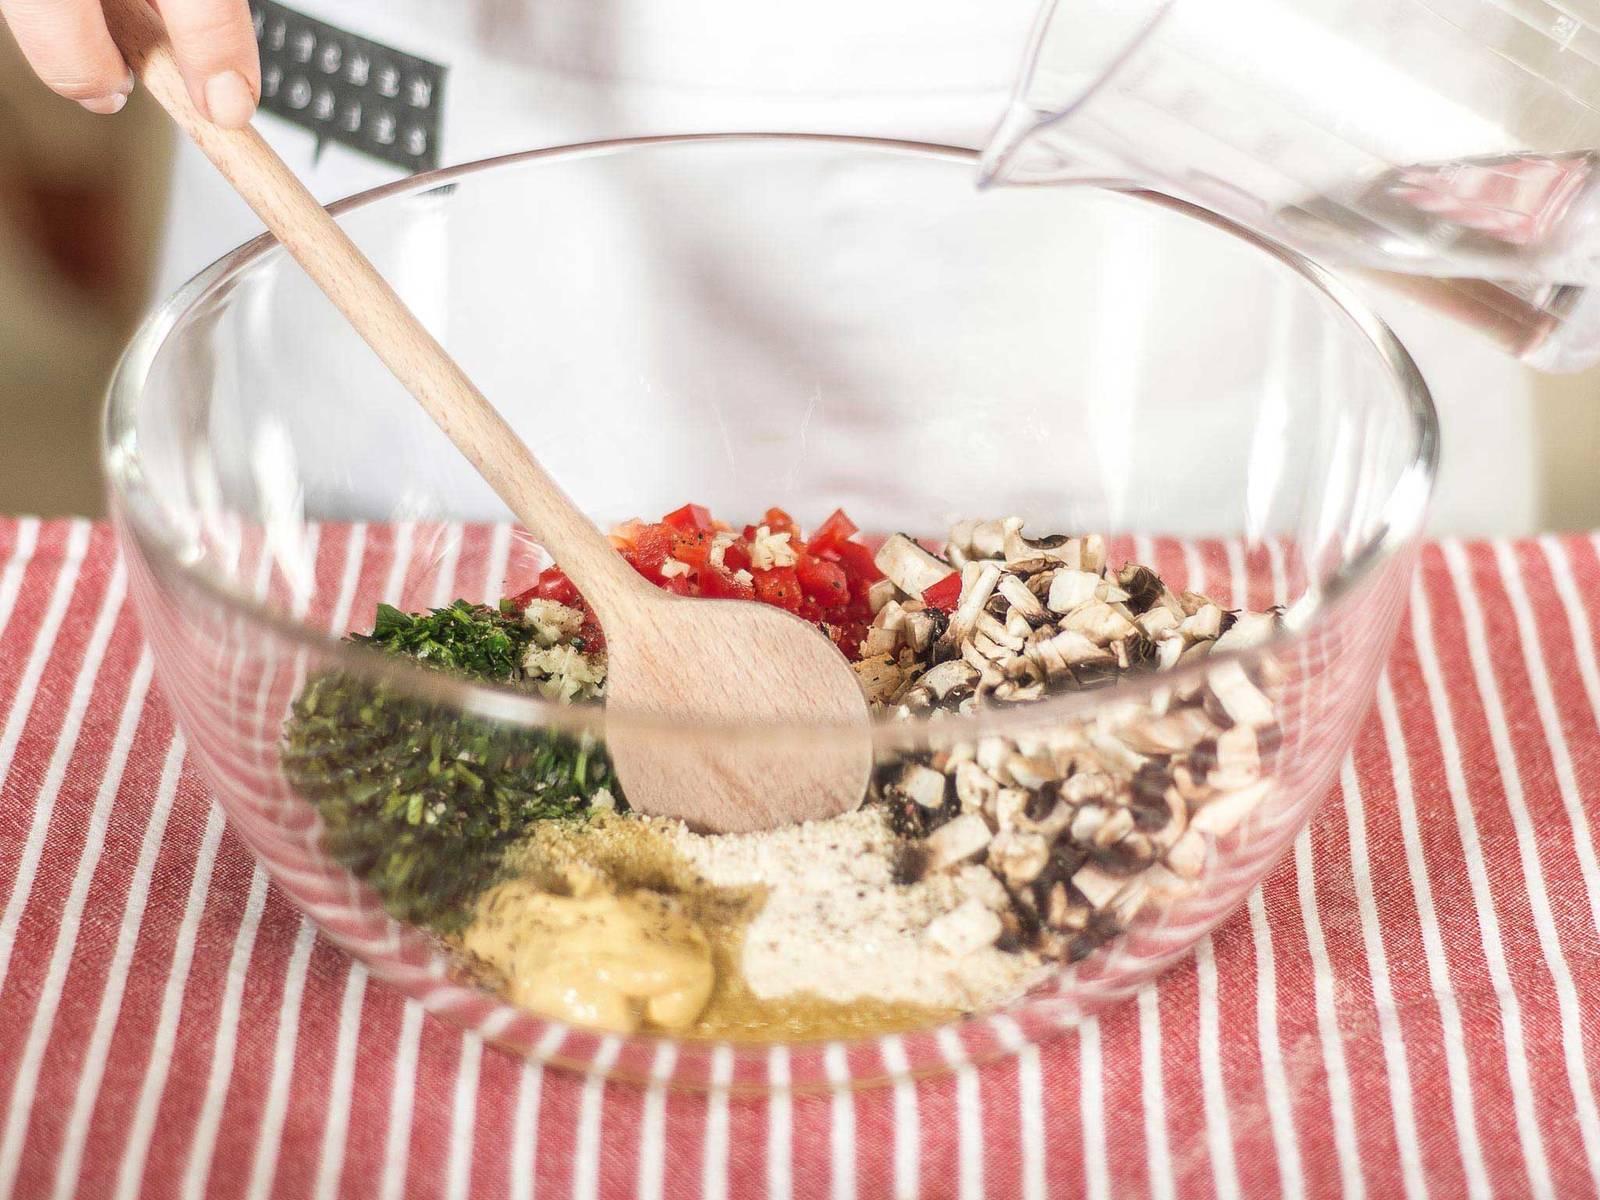 Anschließend in einer großen Schüssel alles mit Semmelbröseln, Senf, Olivenöl, Salz und Pfeffer vermengen. Der Masse ca. 10 ml Wasser hinzufügen bis sich eine streichfähige Panade formen lässt.